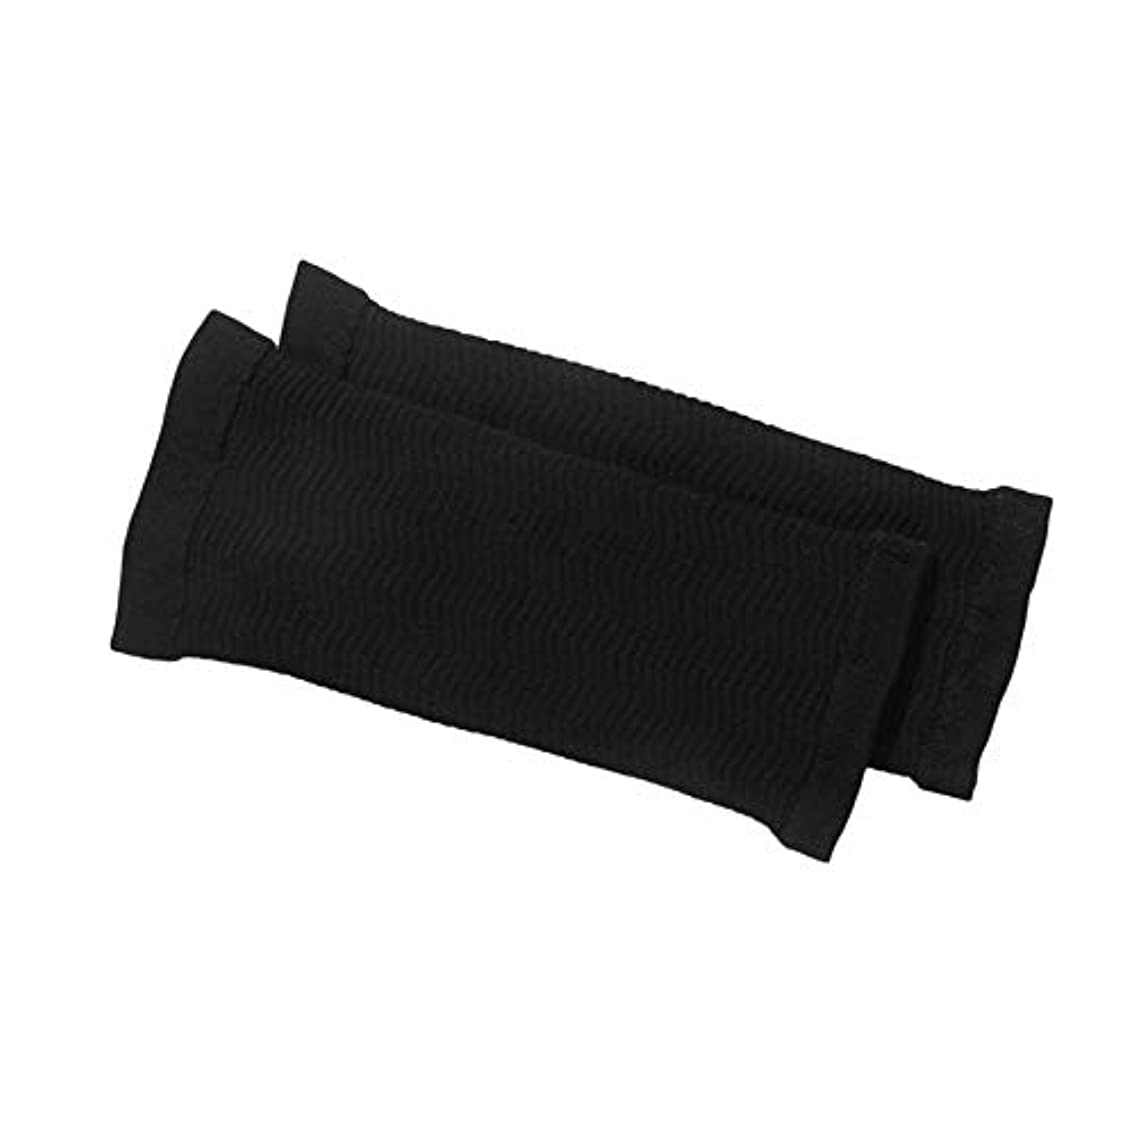 分配しますご注意命題1ペア420 d圧縮痩身アームスリーブワークアウトトーニングバーンセルライトシェイパー脂肪燃焼袖用女性(Color:black)